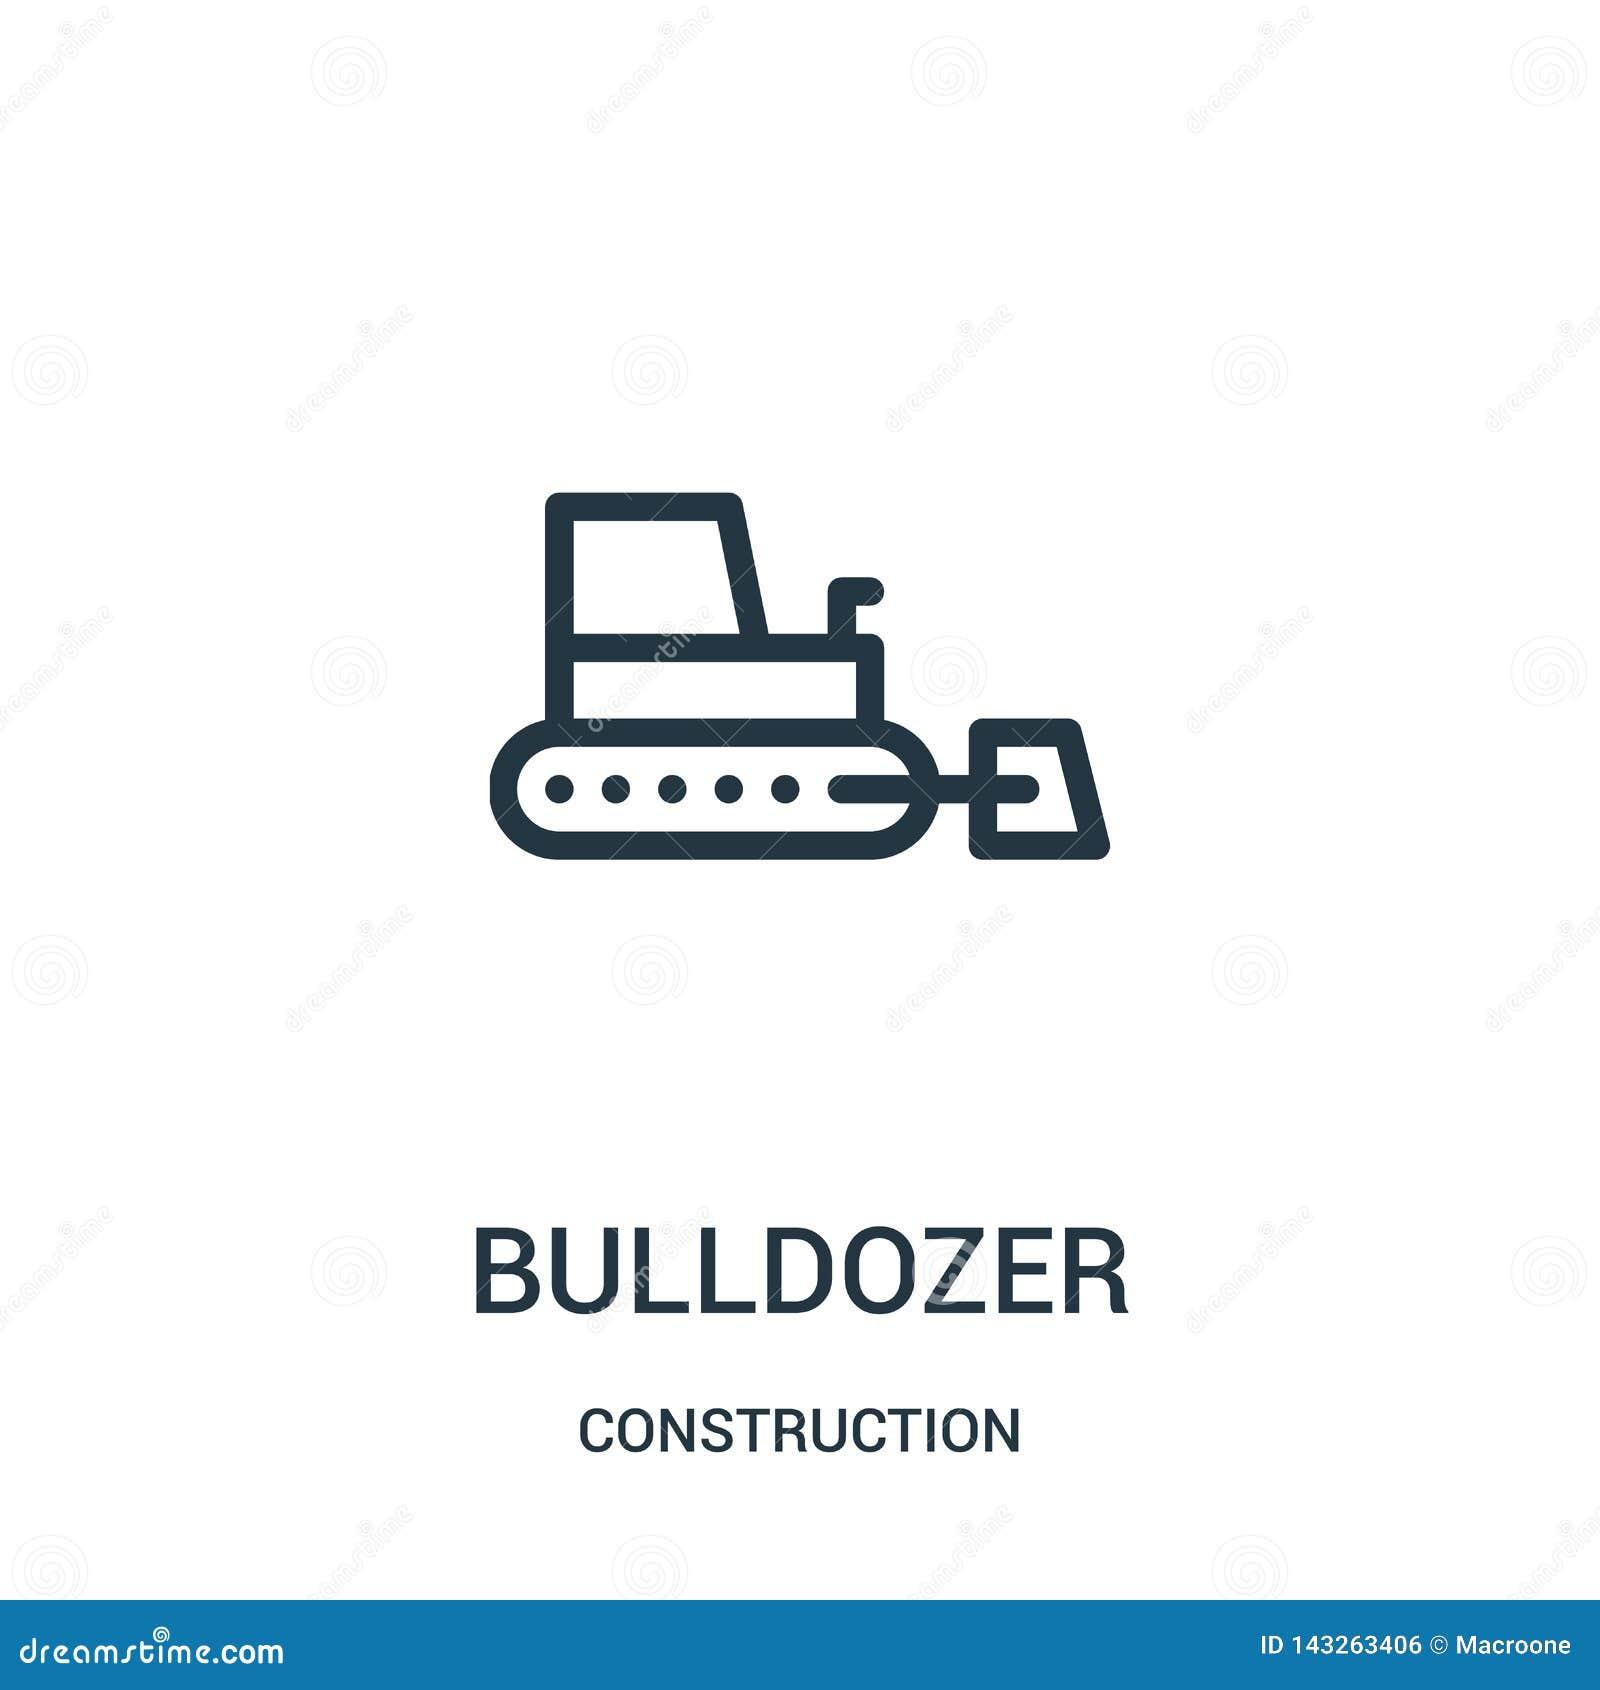 Vetor do ícone da escavadora da coleção da construção Linha fina ilustração do vetor do ícone do esboço da escavadora